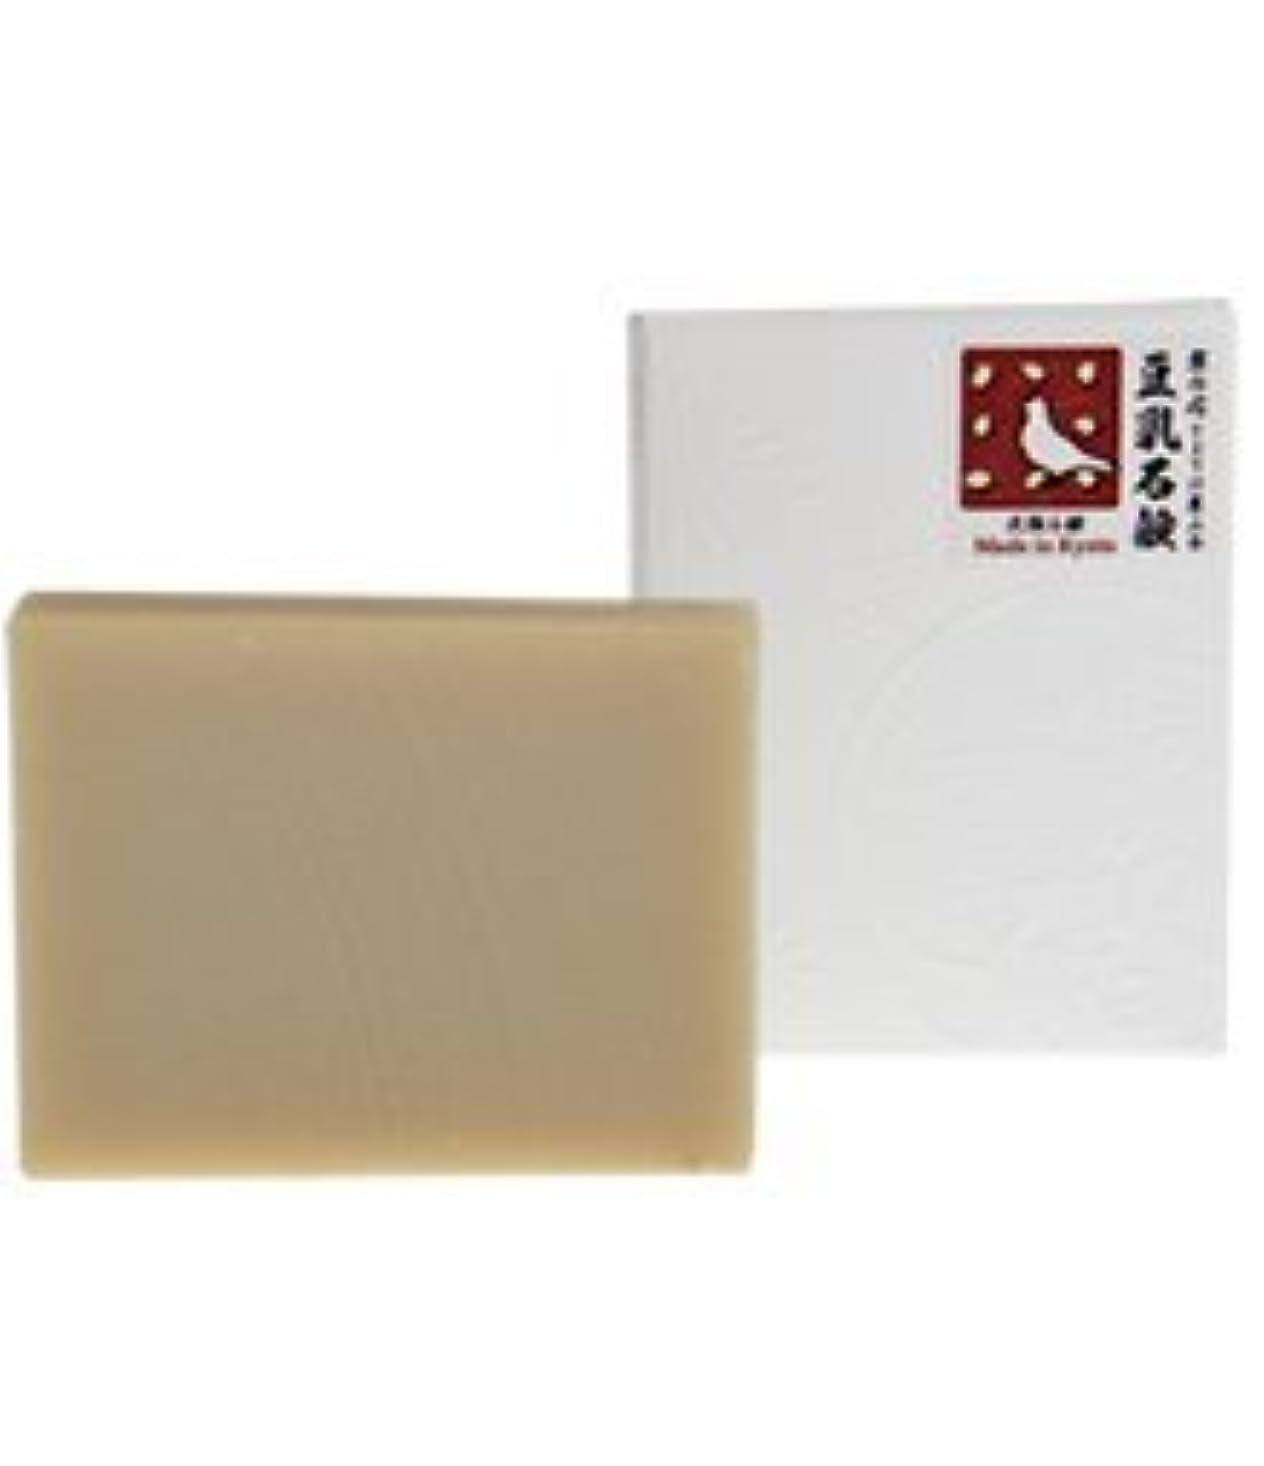 余韻哺乳類ボタン豆乳石鹸 石鹸屋(京都しゃぼんや×とようけ屋山本)洗顔石鹸